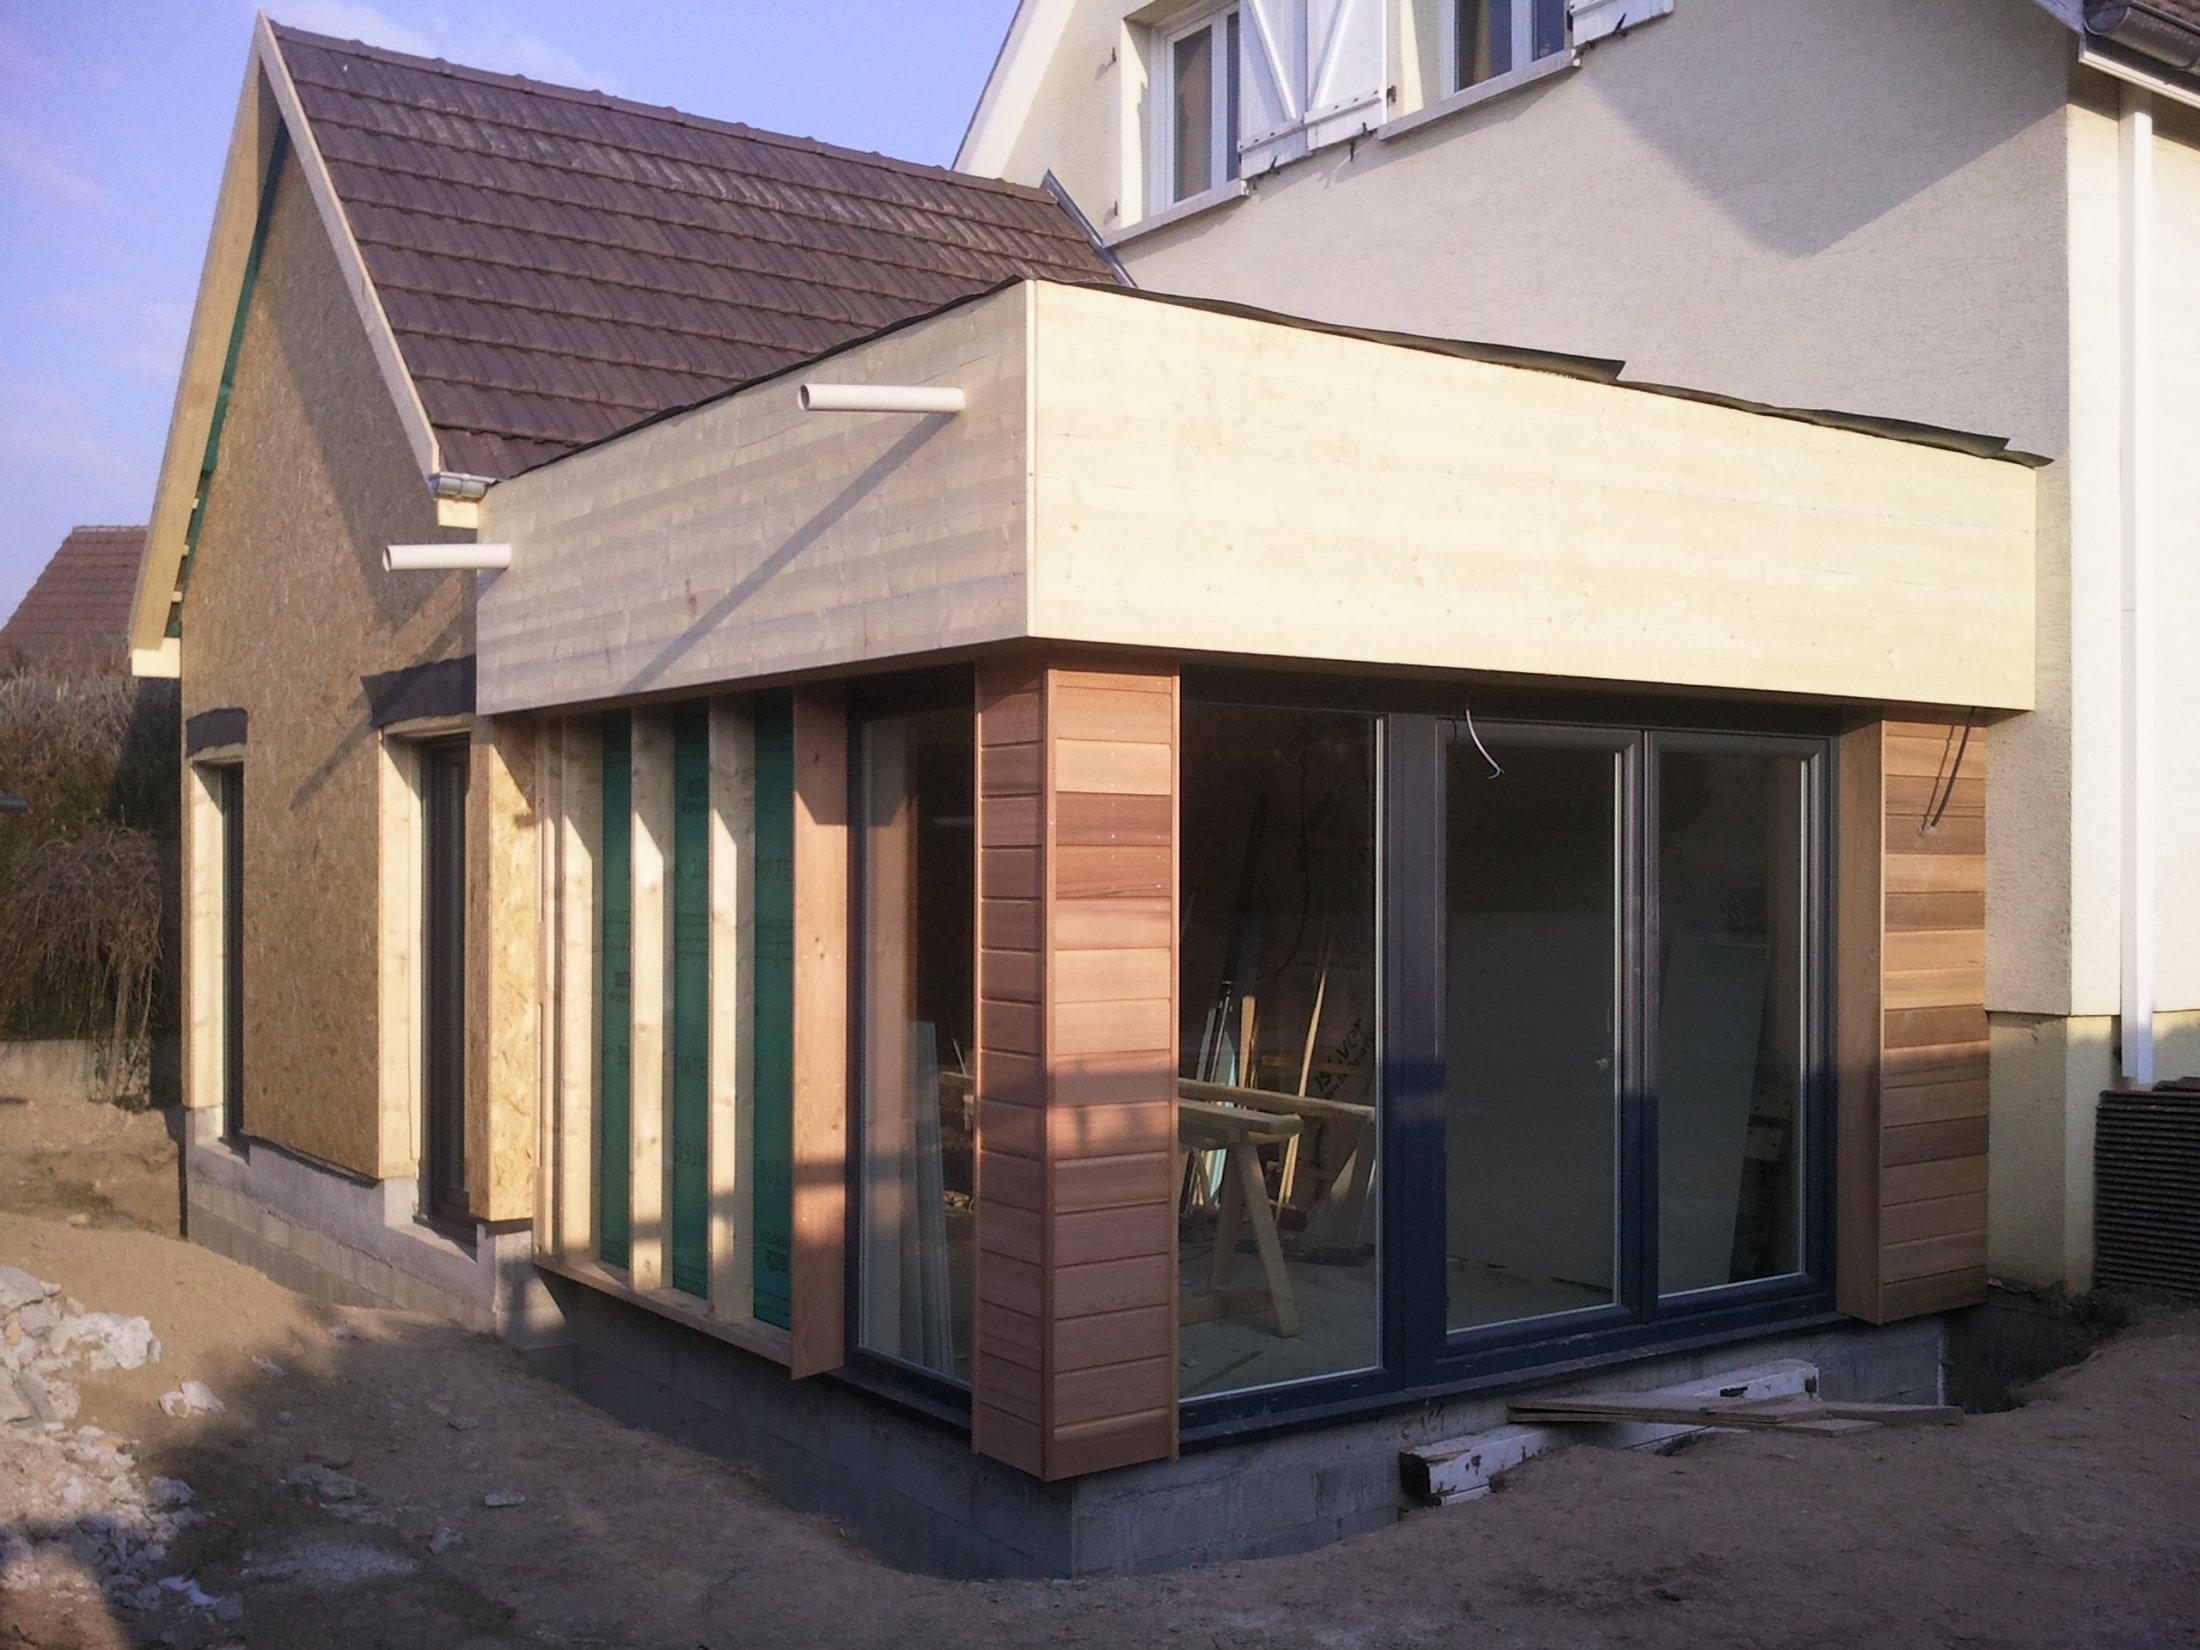 Arkobois notre sp cialit l 39 agrandissement de votre maison for Extension maison 3 murs